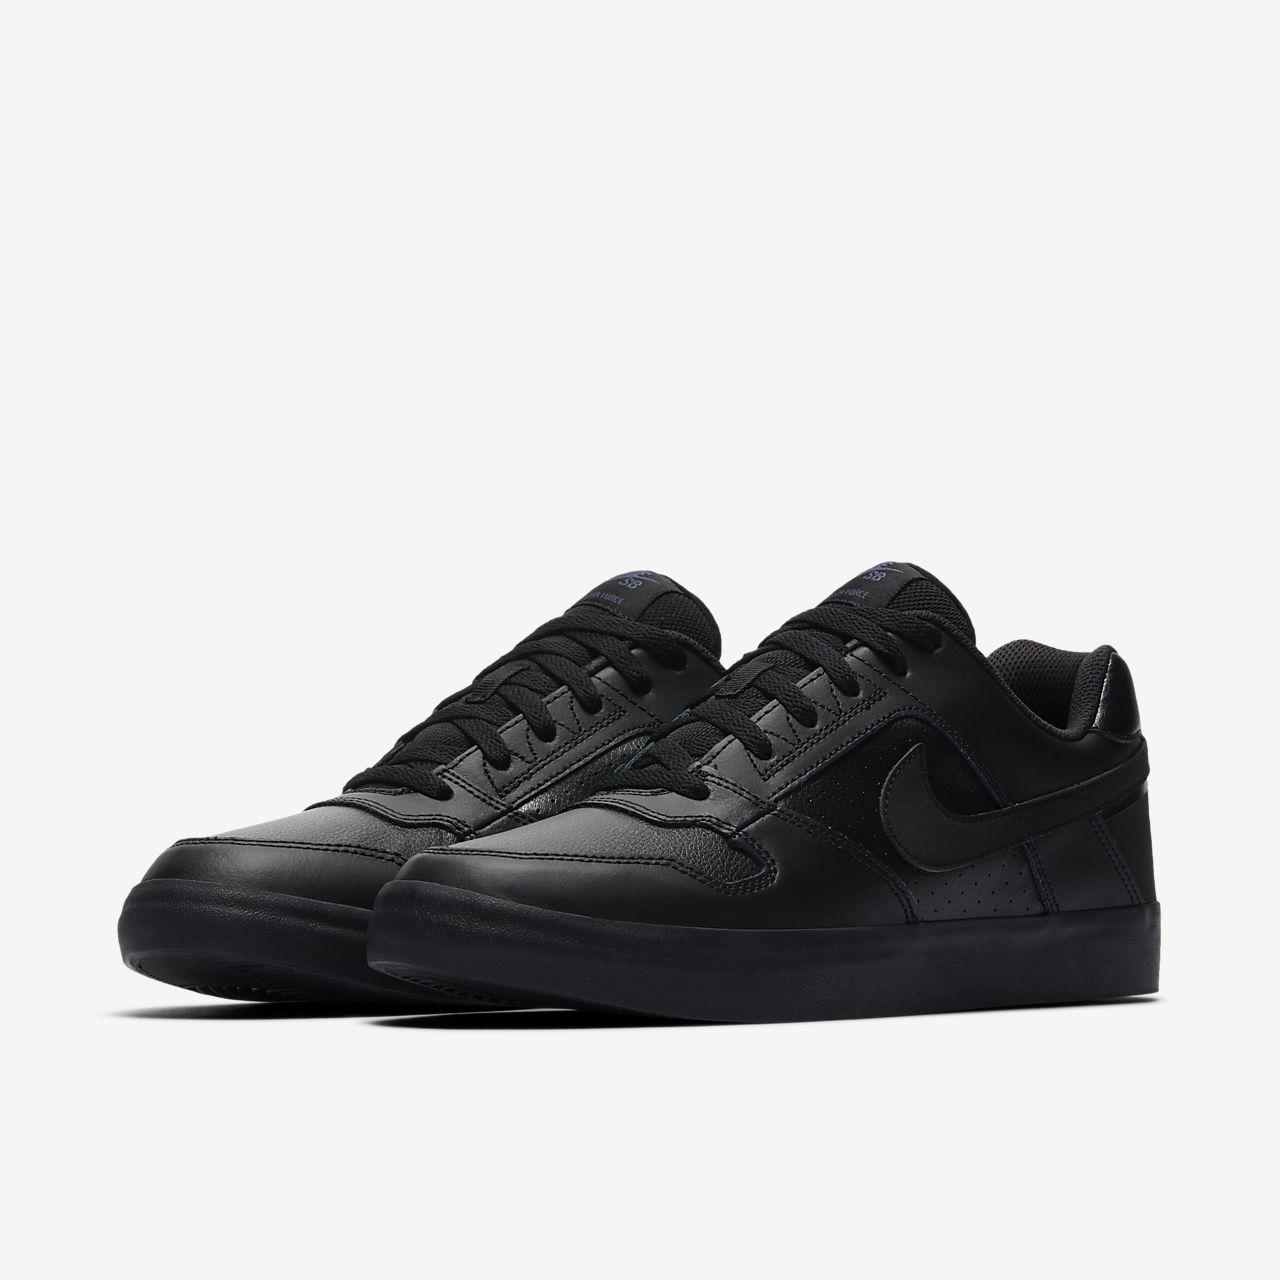 sale online 100% top quality sale retailer Chaussure de skateboard Nike SB Delta Force Vulc pour Homme